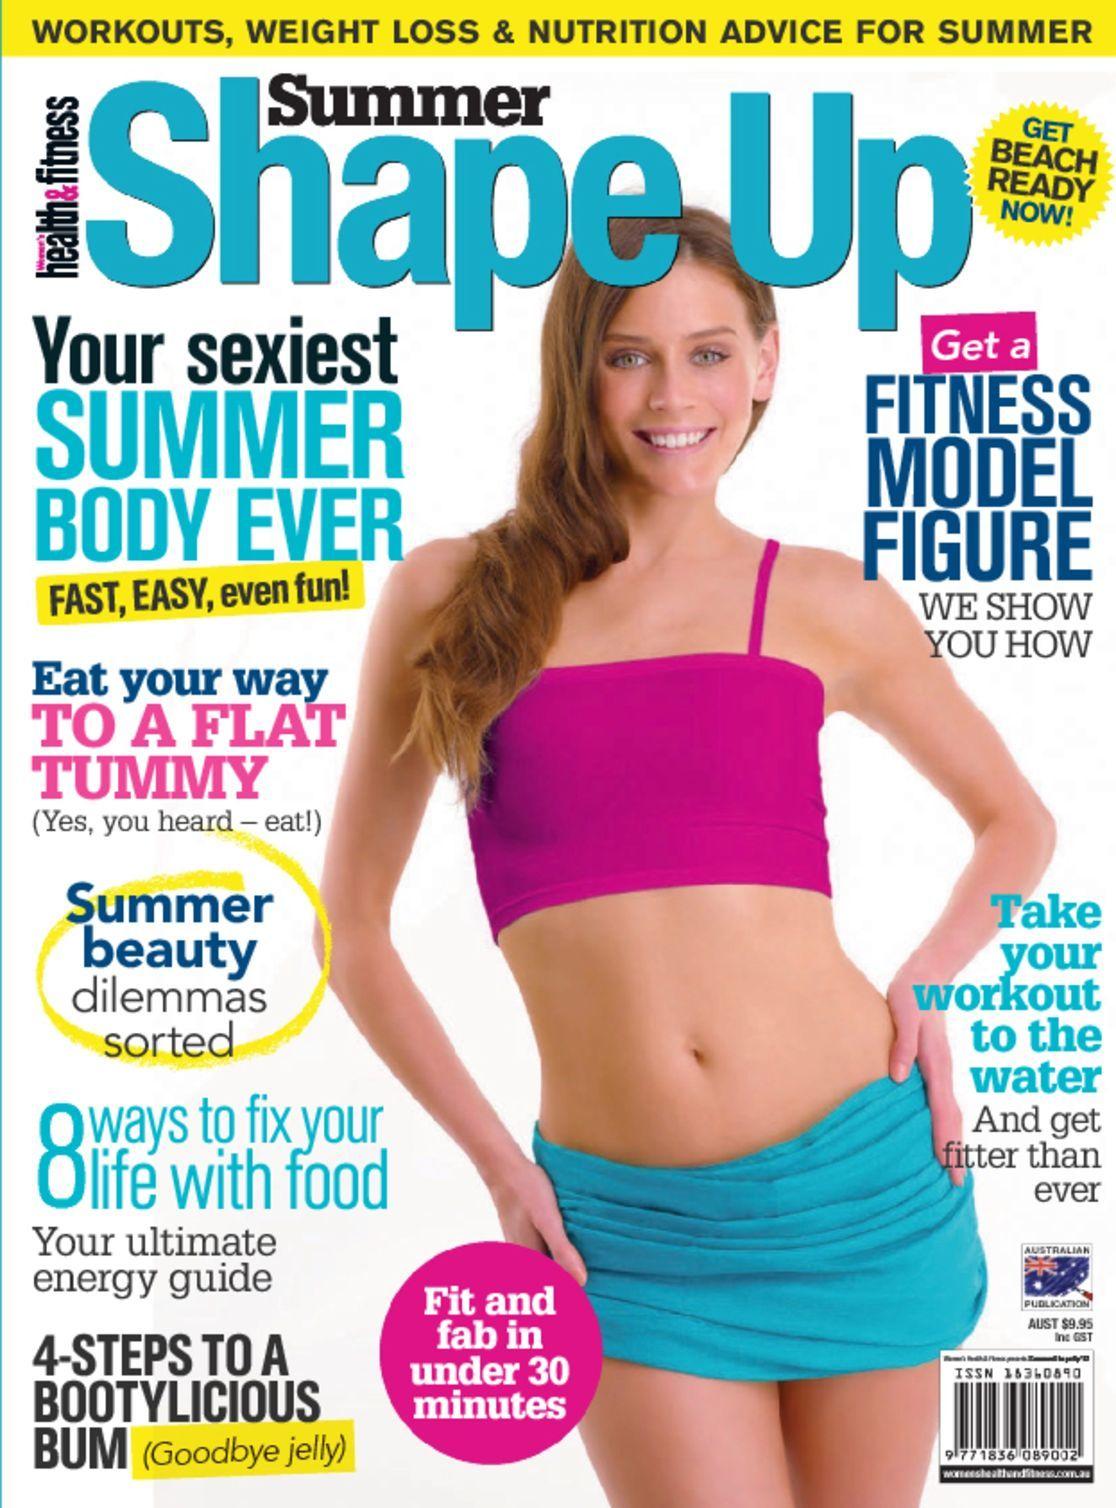 Summer Shape Up Guide Digital